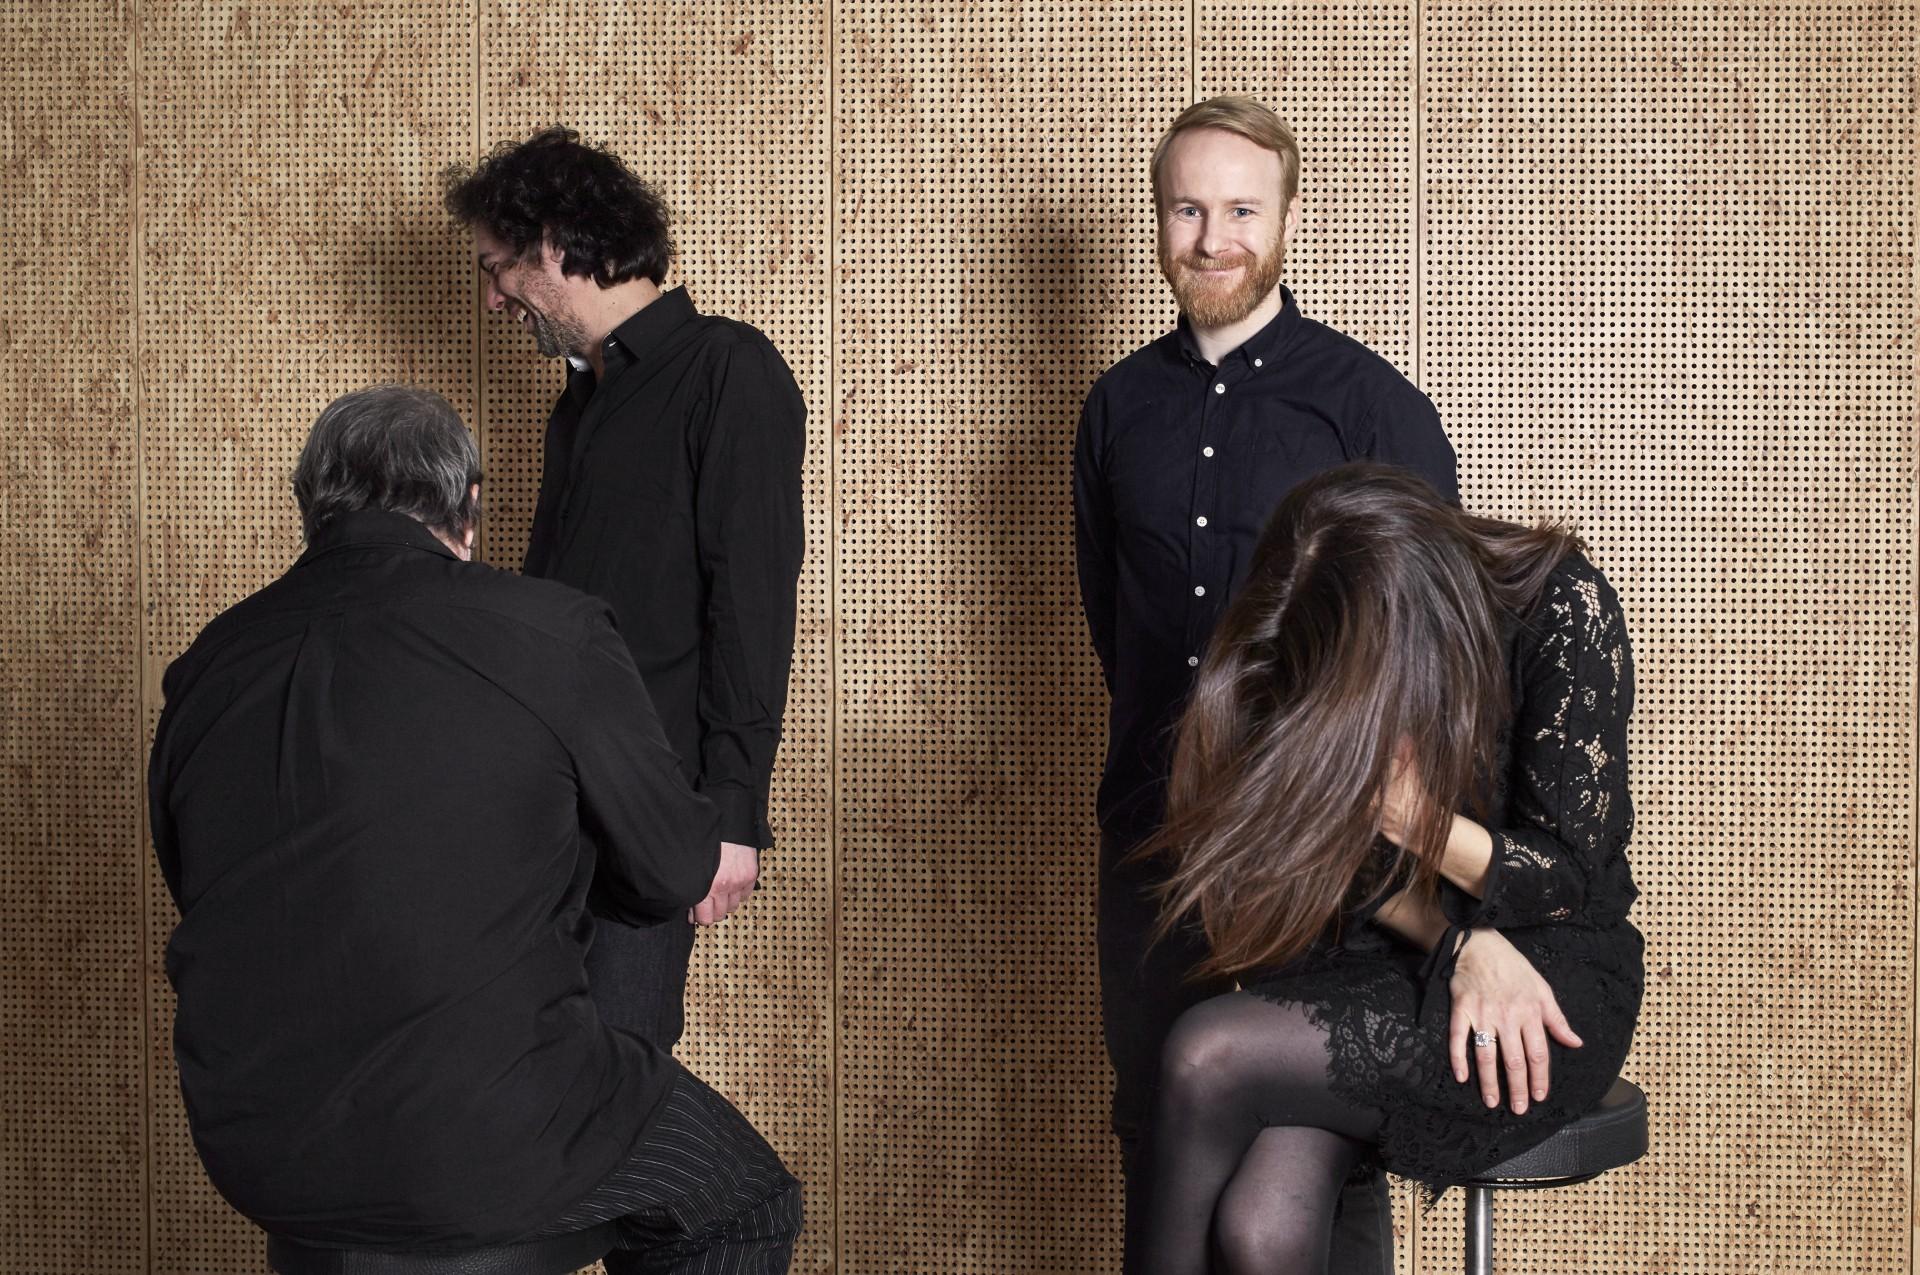 Susanne Abbuehl, Matthieu Michel, Wolfert Brederode, Øyvind Hegg-Lunde (photograph by Gabrielle Besenval)